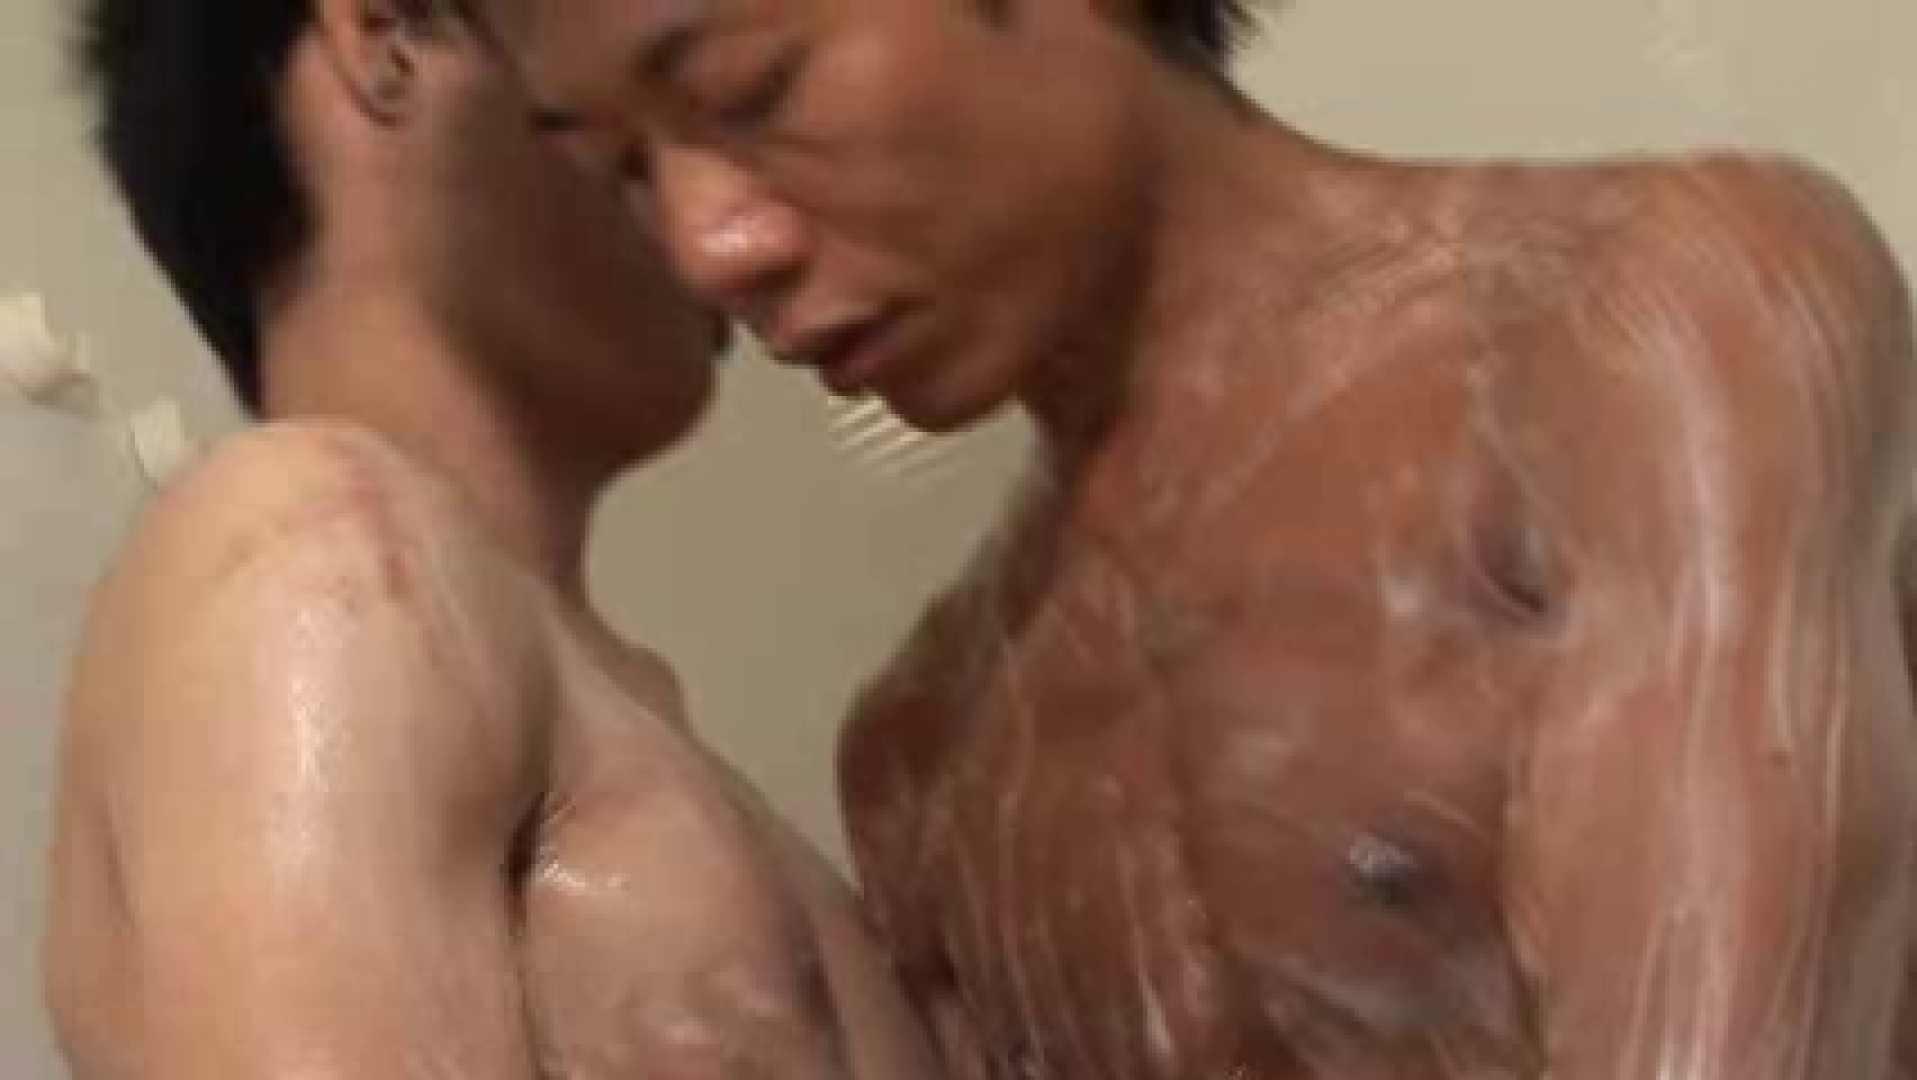 雄穴堀MAX!!vol.02 フェラ ゲイ素人エロ画像 106枚 2